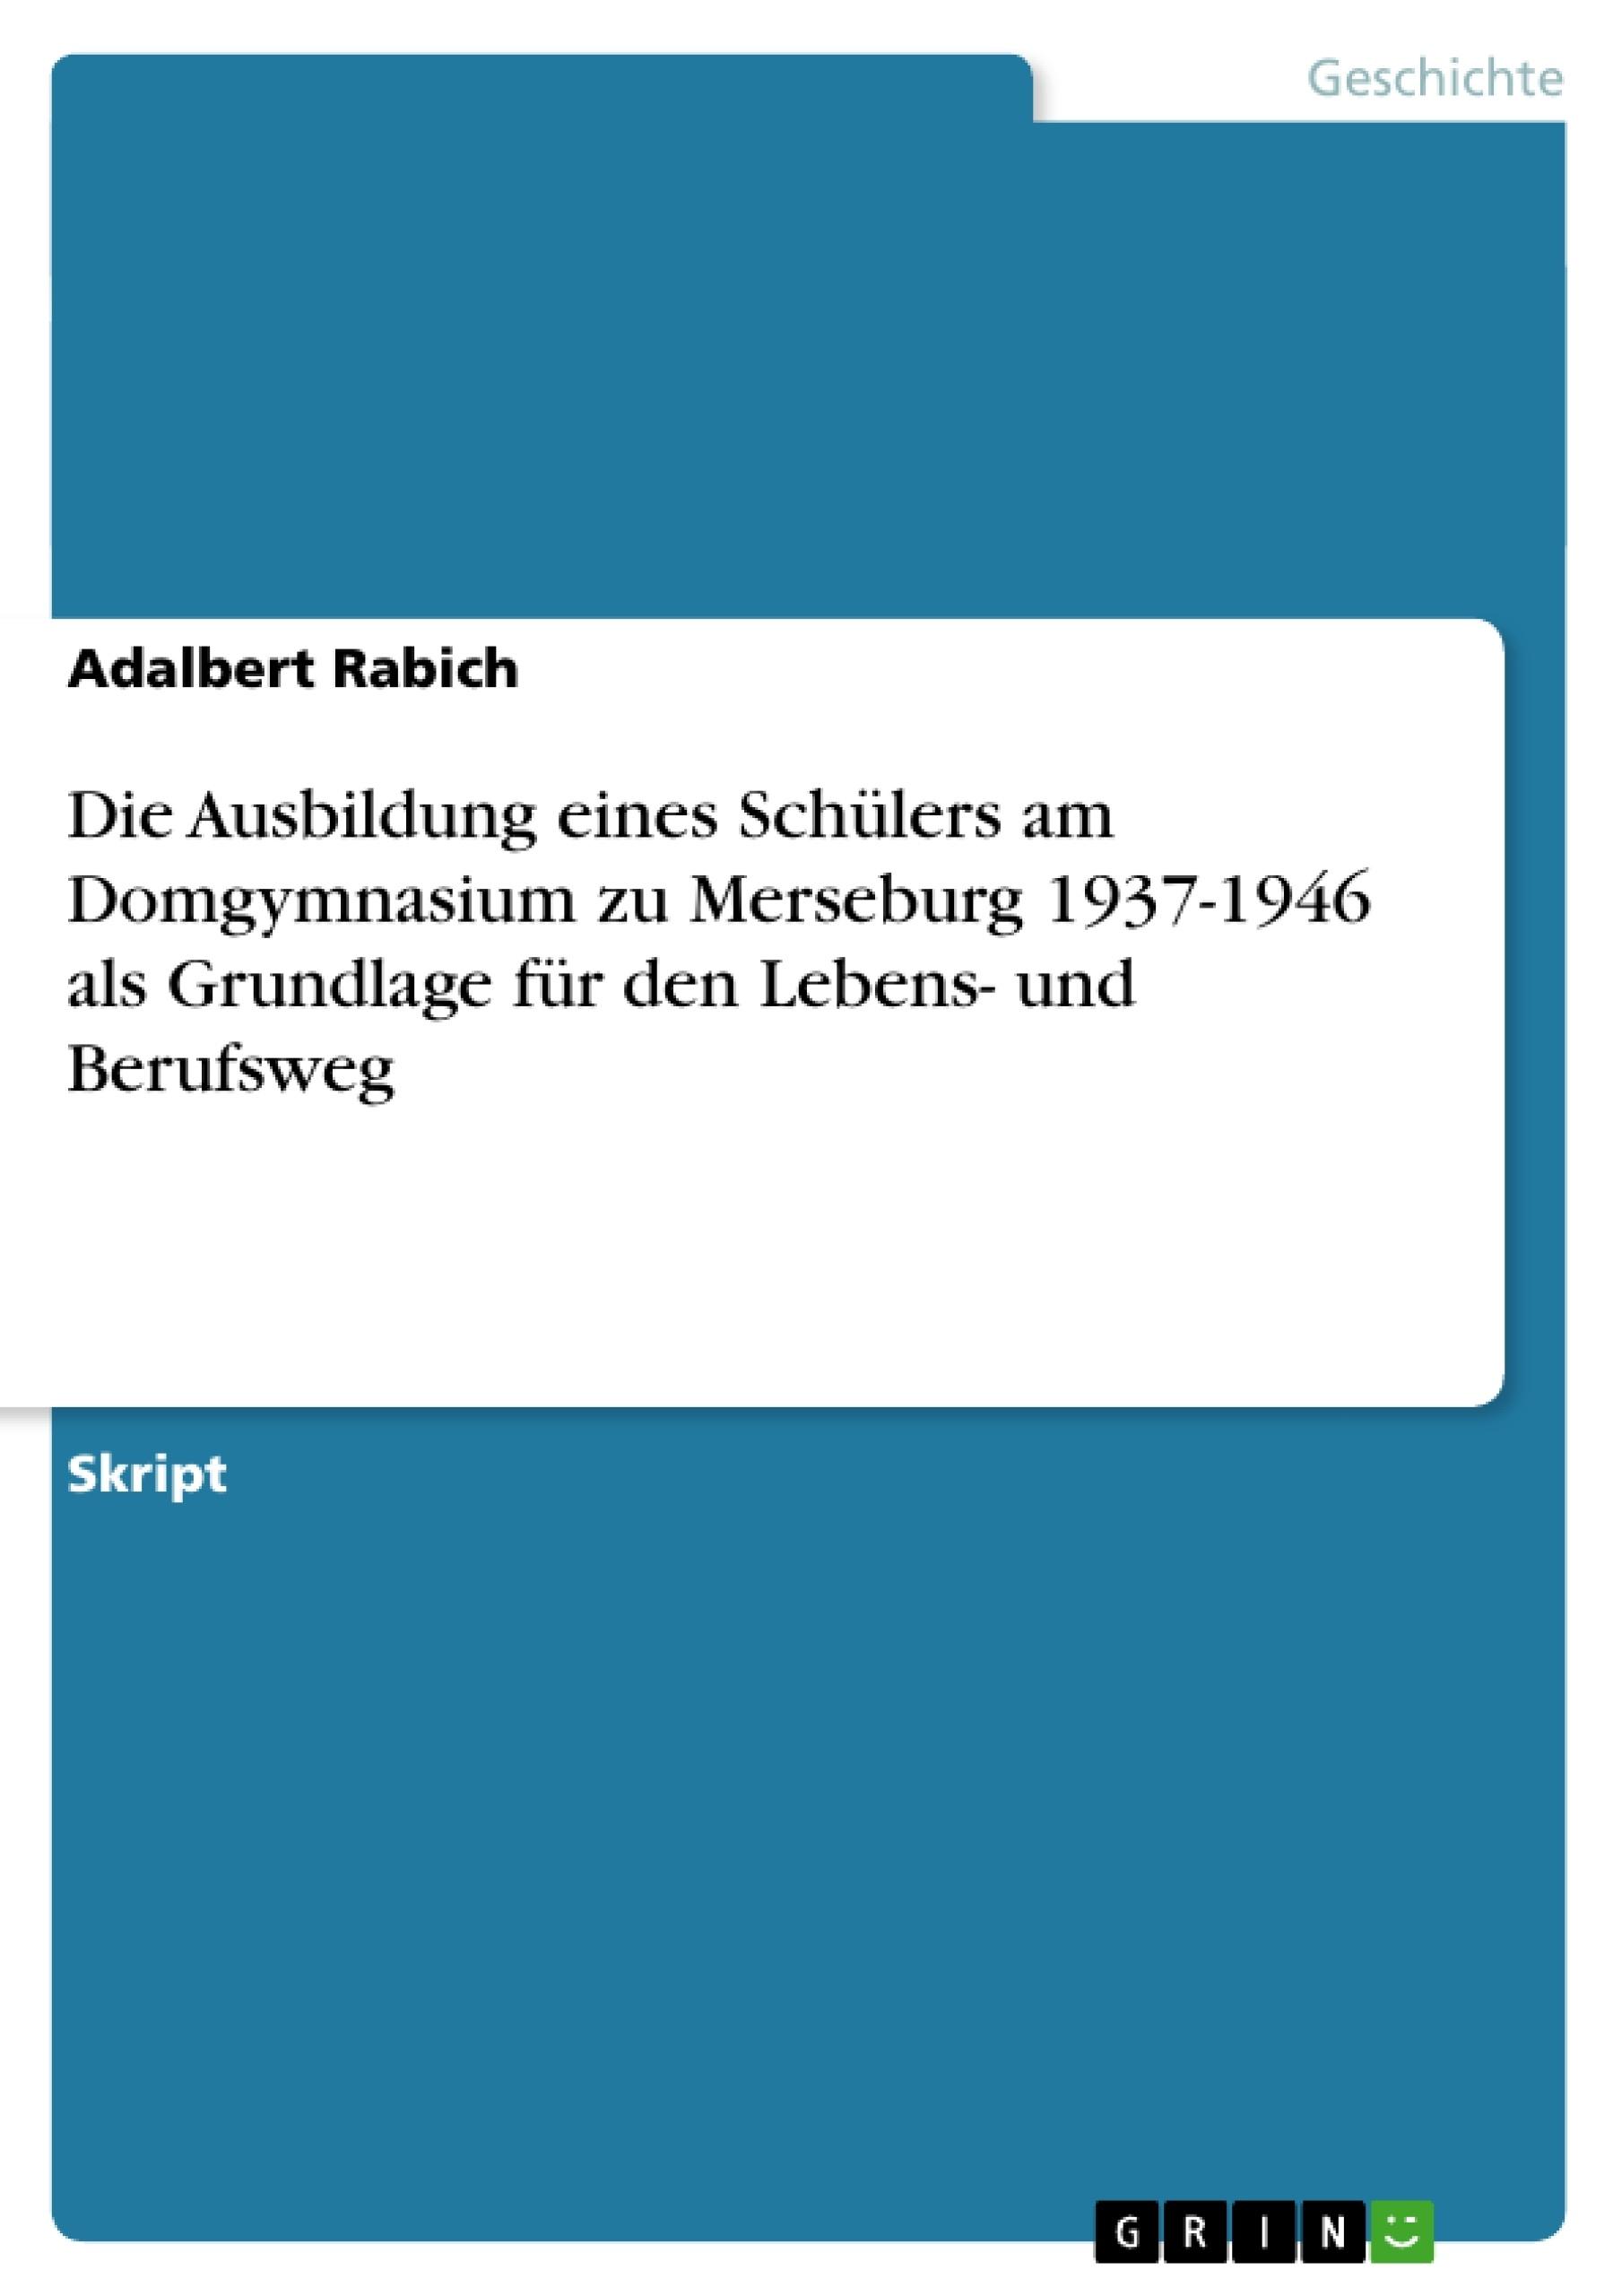 Titel: Die Ausbildung eines Schülers am Domgymnasium zu Merseburg 1937-1946 als Grundlage für den Lebens- und Berufsweg